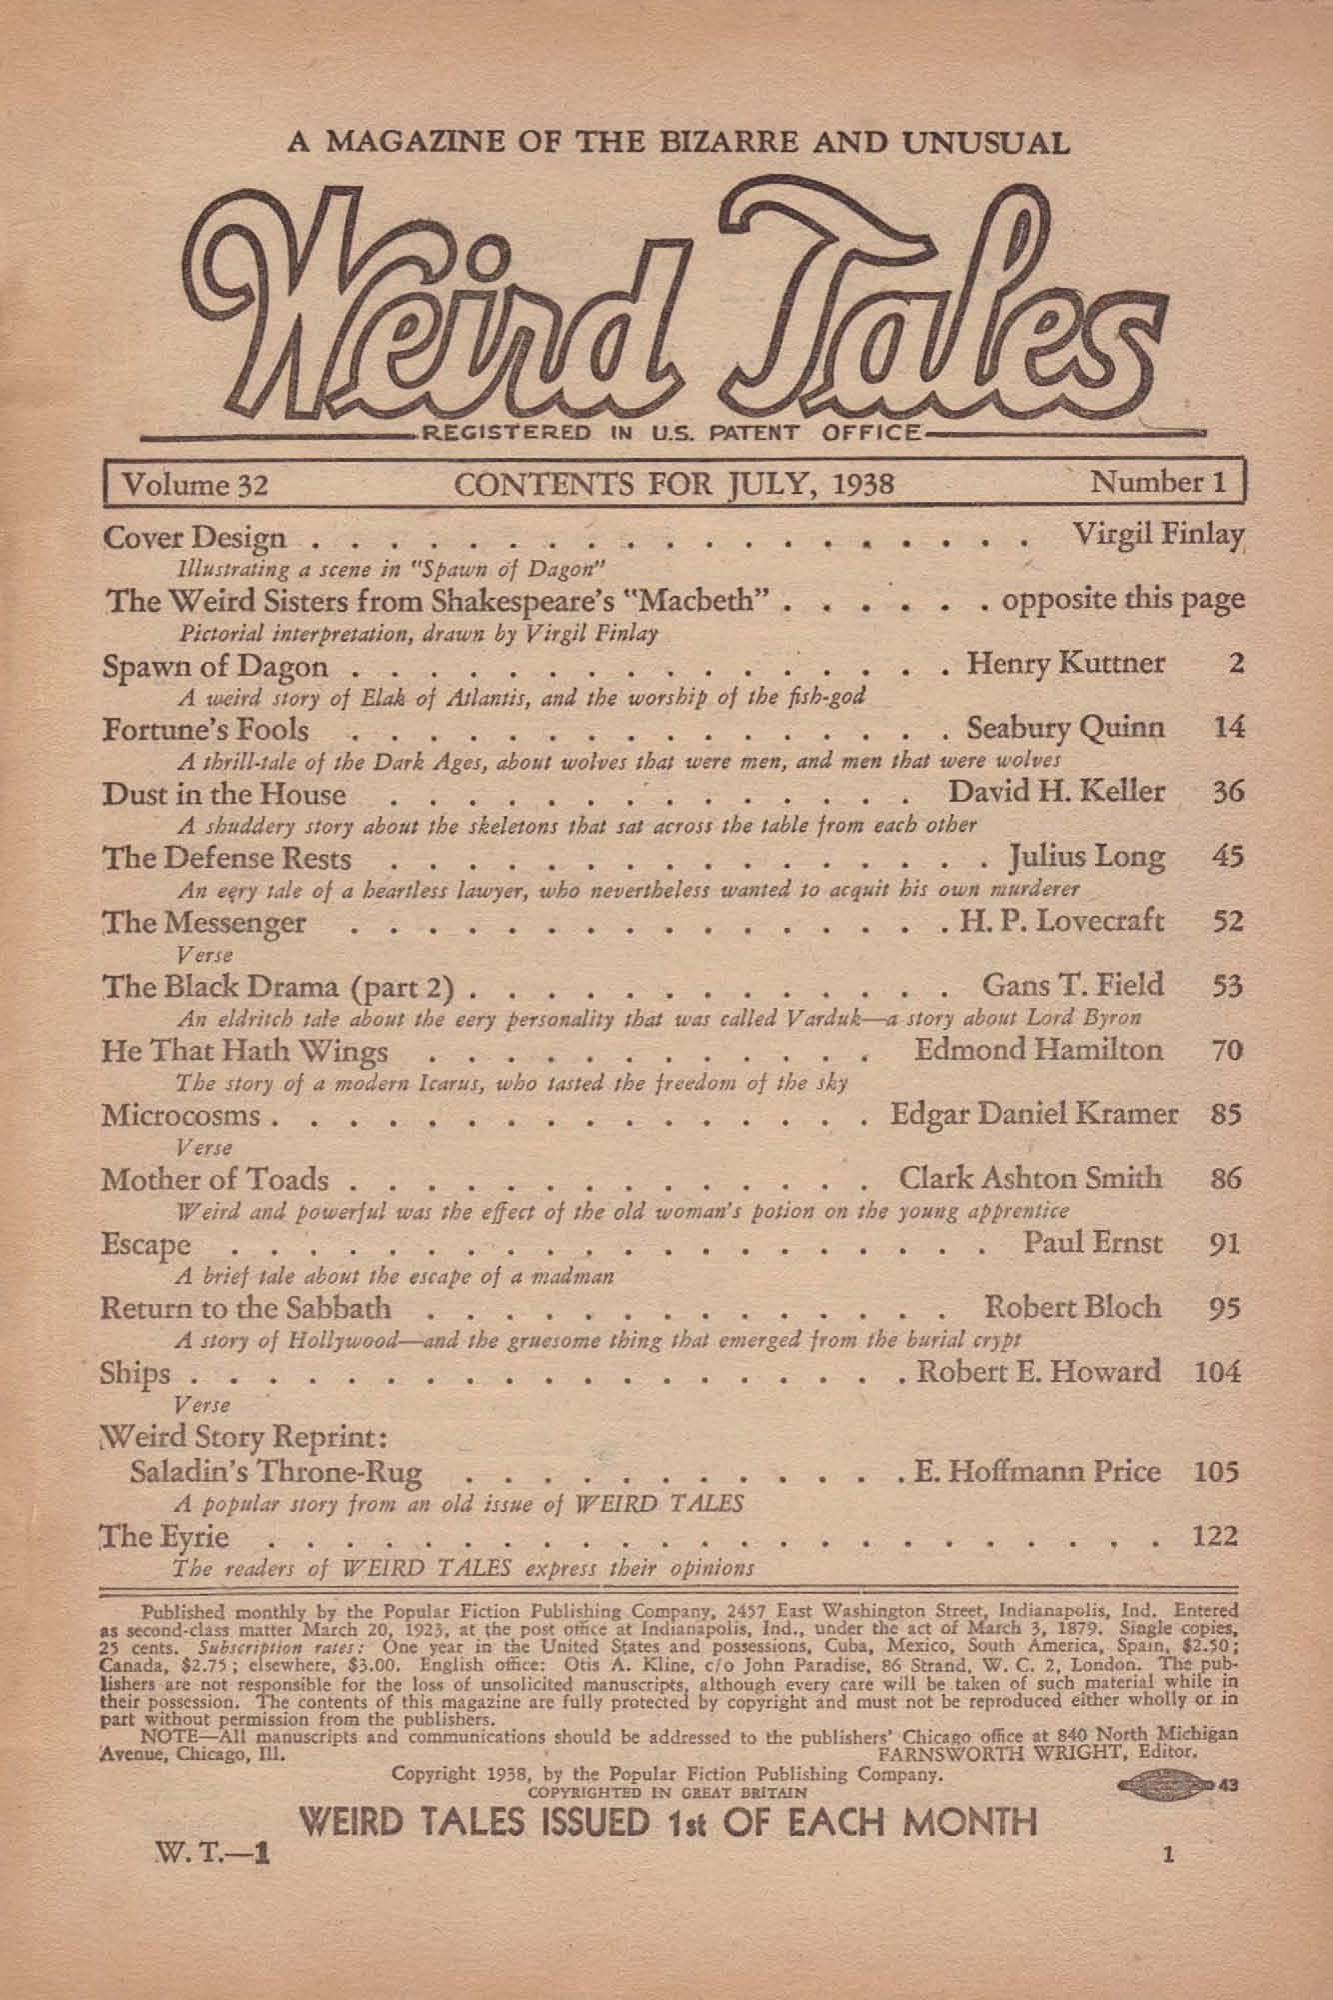 Weird Tales Vol 32 No 1 July 1938 Ed By Farnsworth Wright